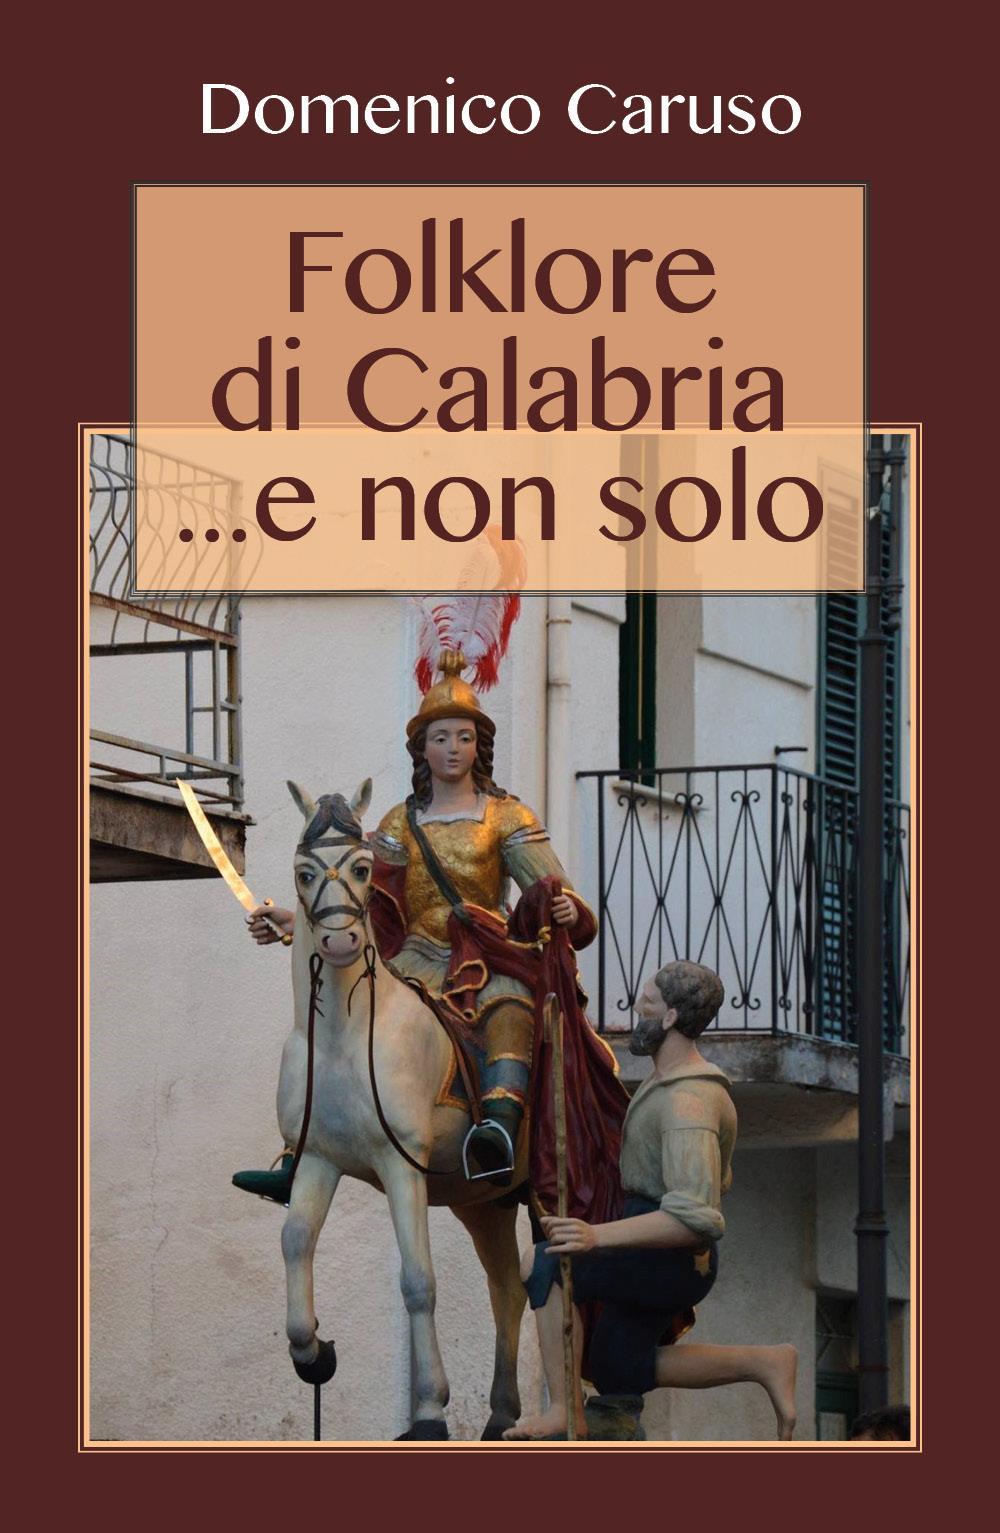 Folklore di Calabria ...e non solo